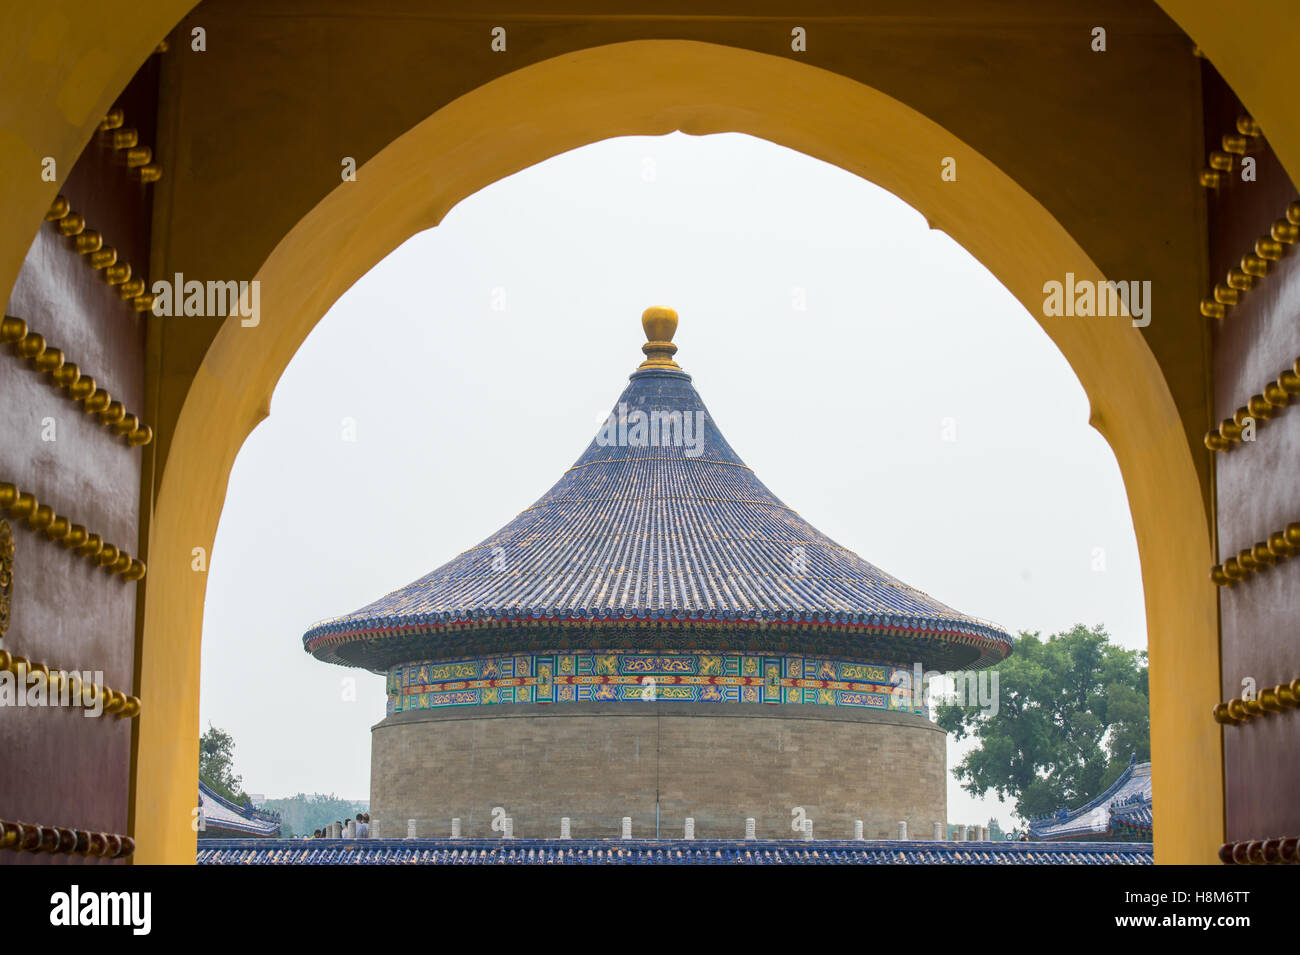 Beijing, China - Fuera de las puertas del Templo del Cielo, un altar de sacrificio imperial ubicado en el centro de Pekín. Foto de stock